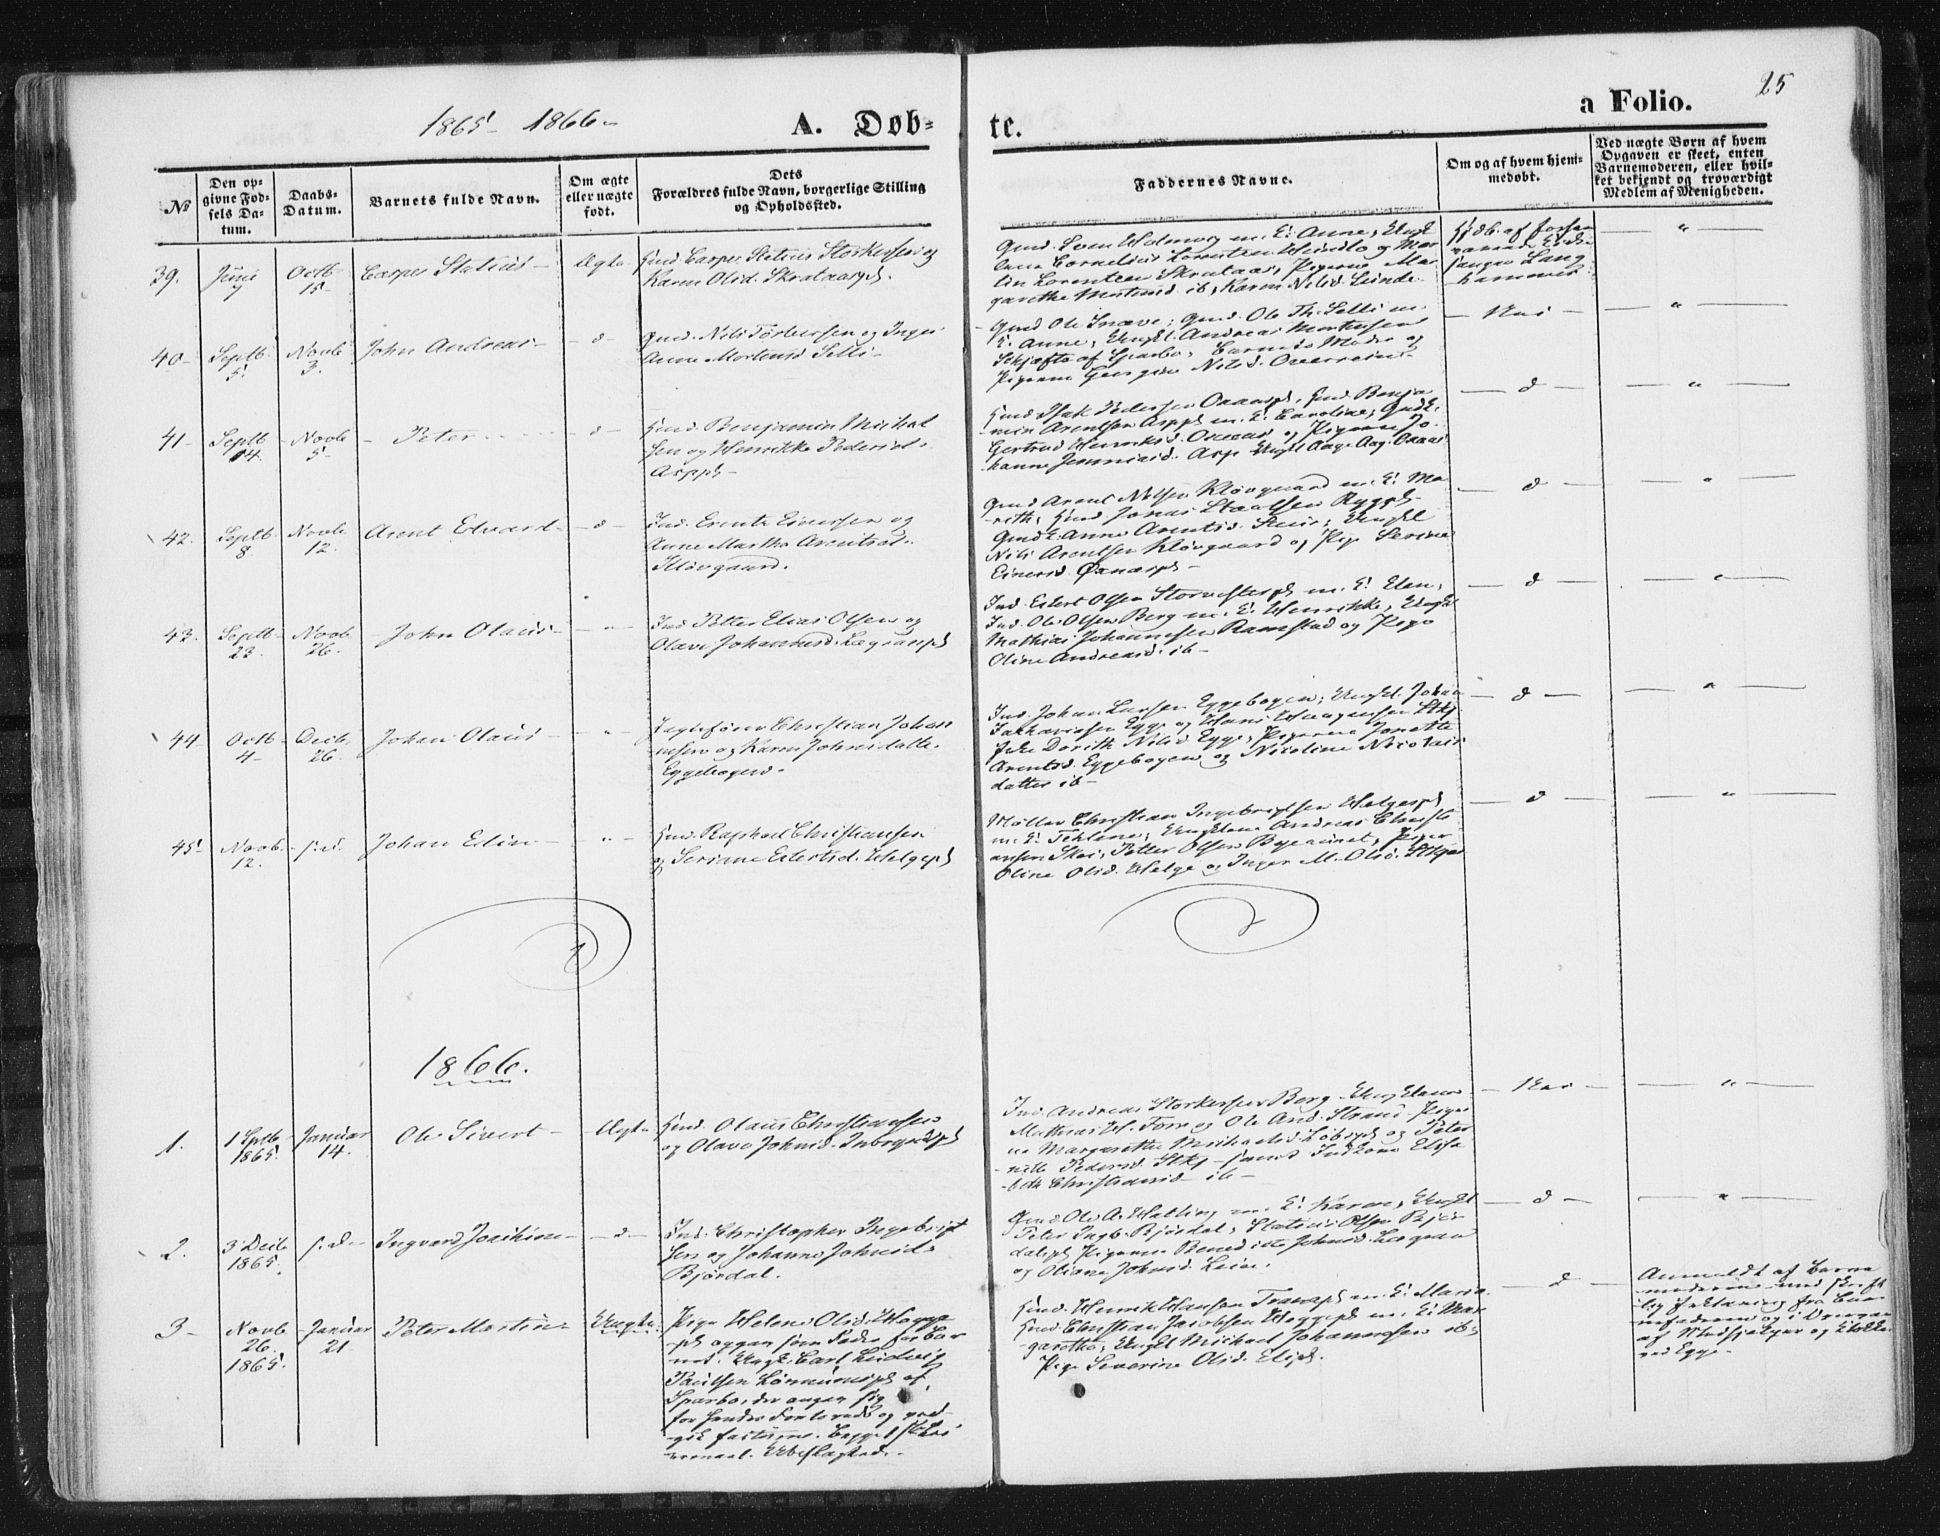 SAT, Ministerialprotokoller, klokkerbøker og fødselsregistre - Nord-Trøndelag, 746/L0447: Ministerialbok nr. 746A06, 1860-1877, s. 25